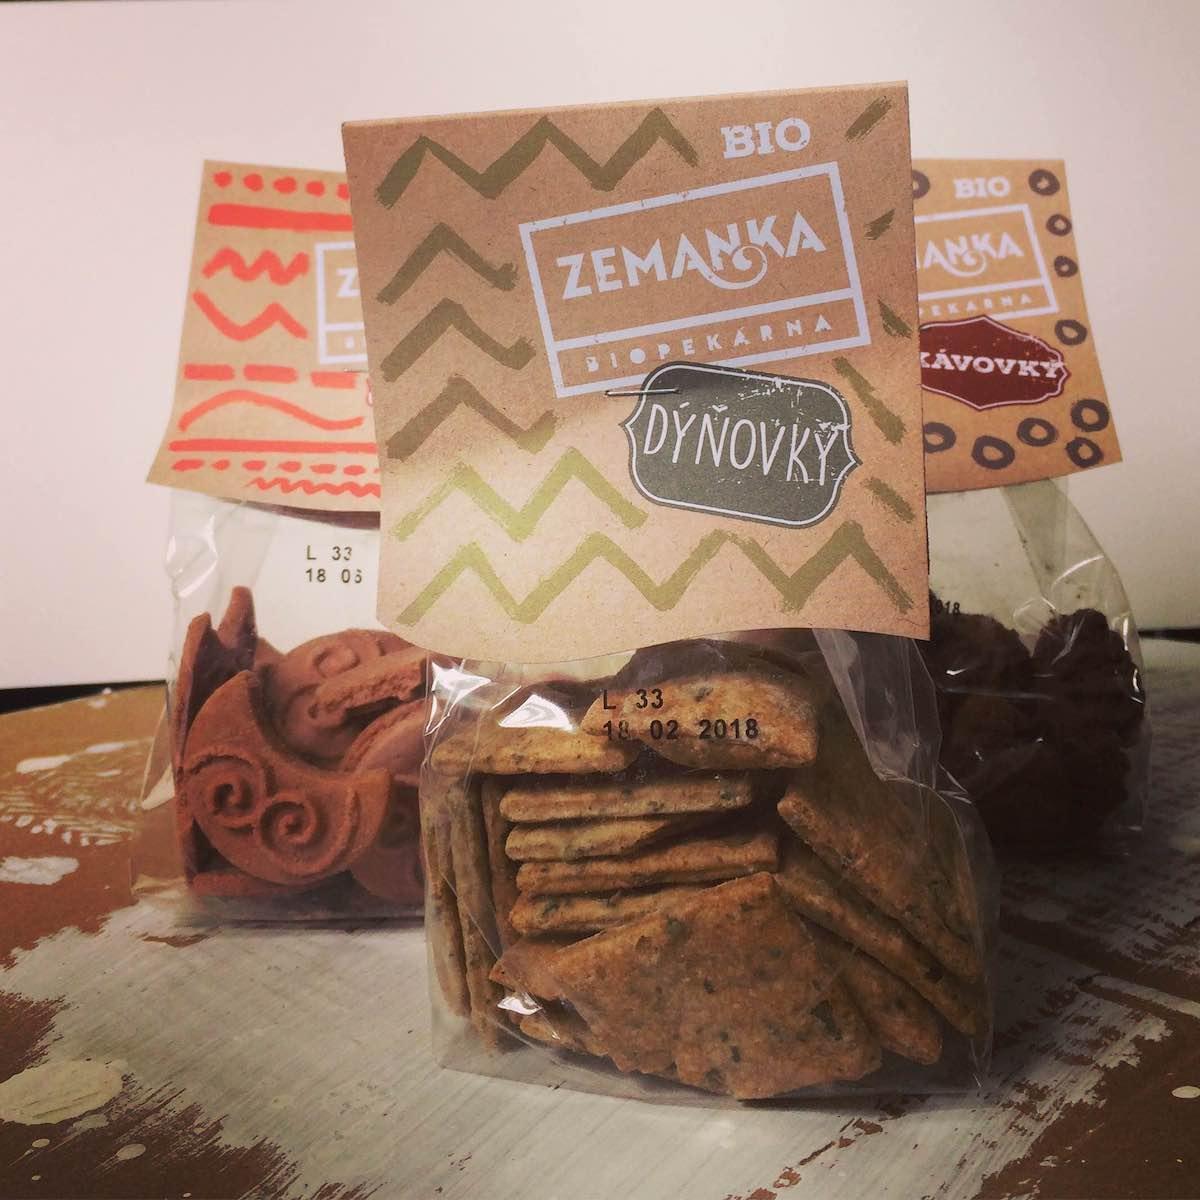 Nové obaly pekárny Zemanka